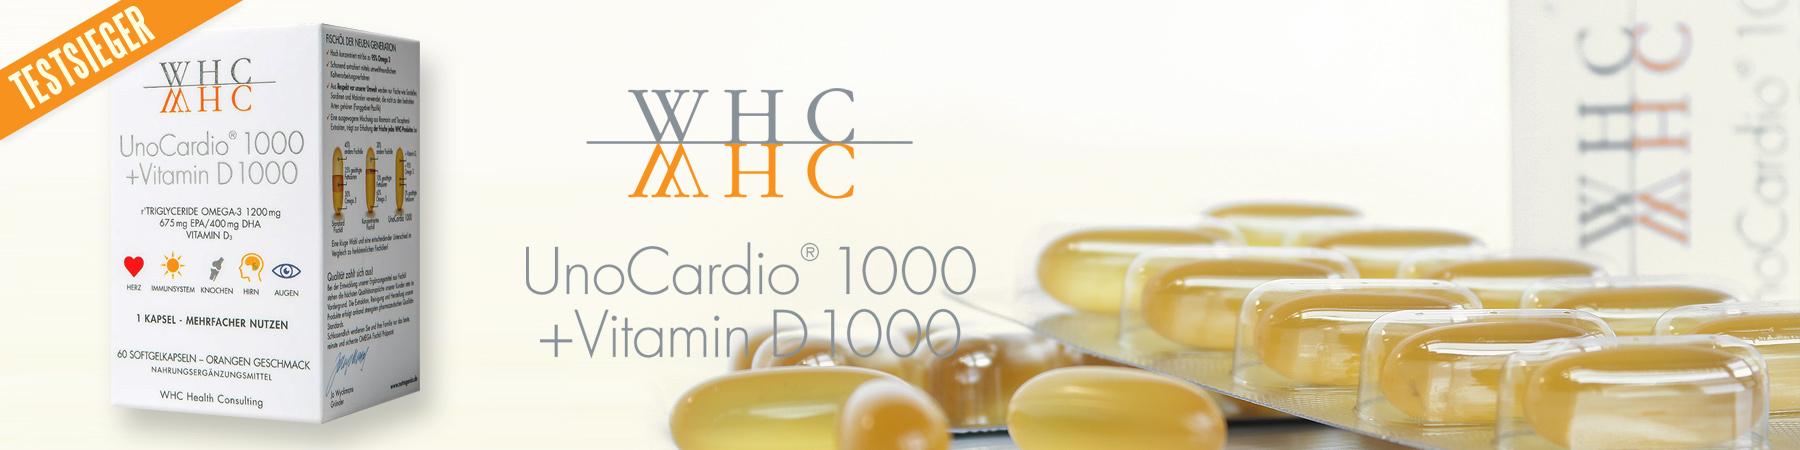 Unocardio 1000 - Jetzt online kaufen